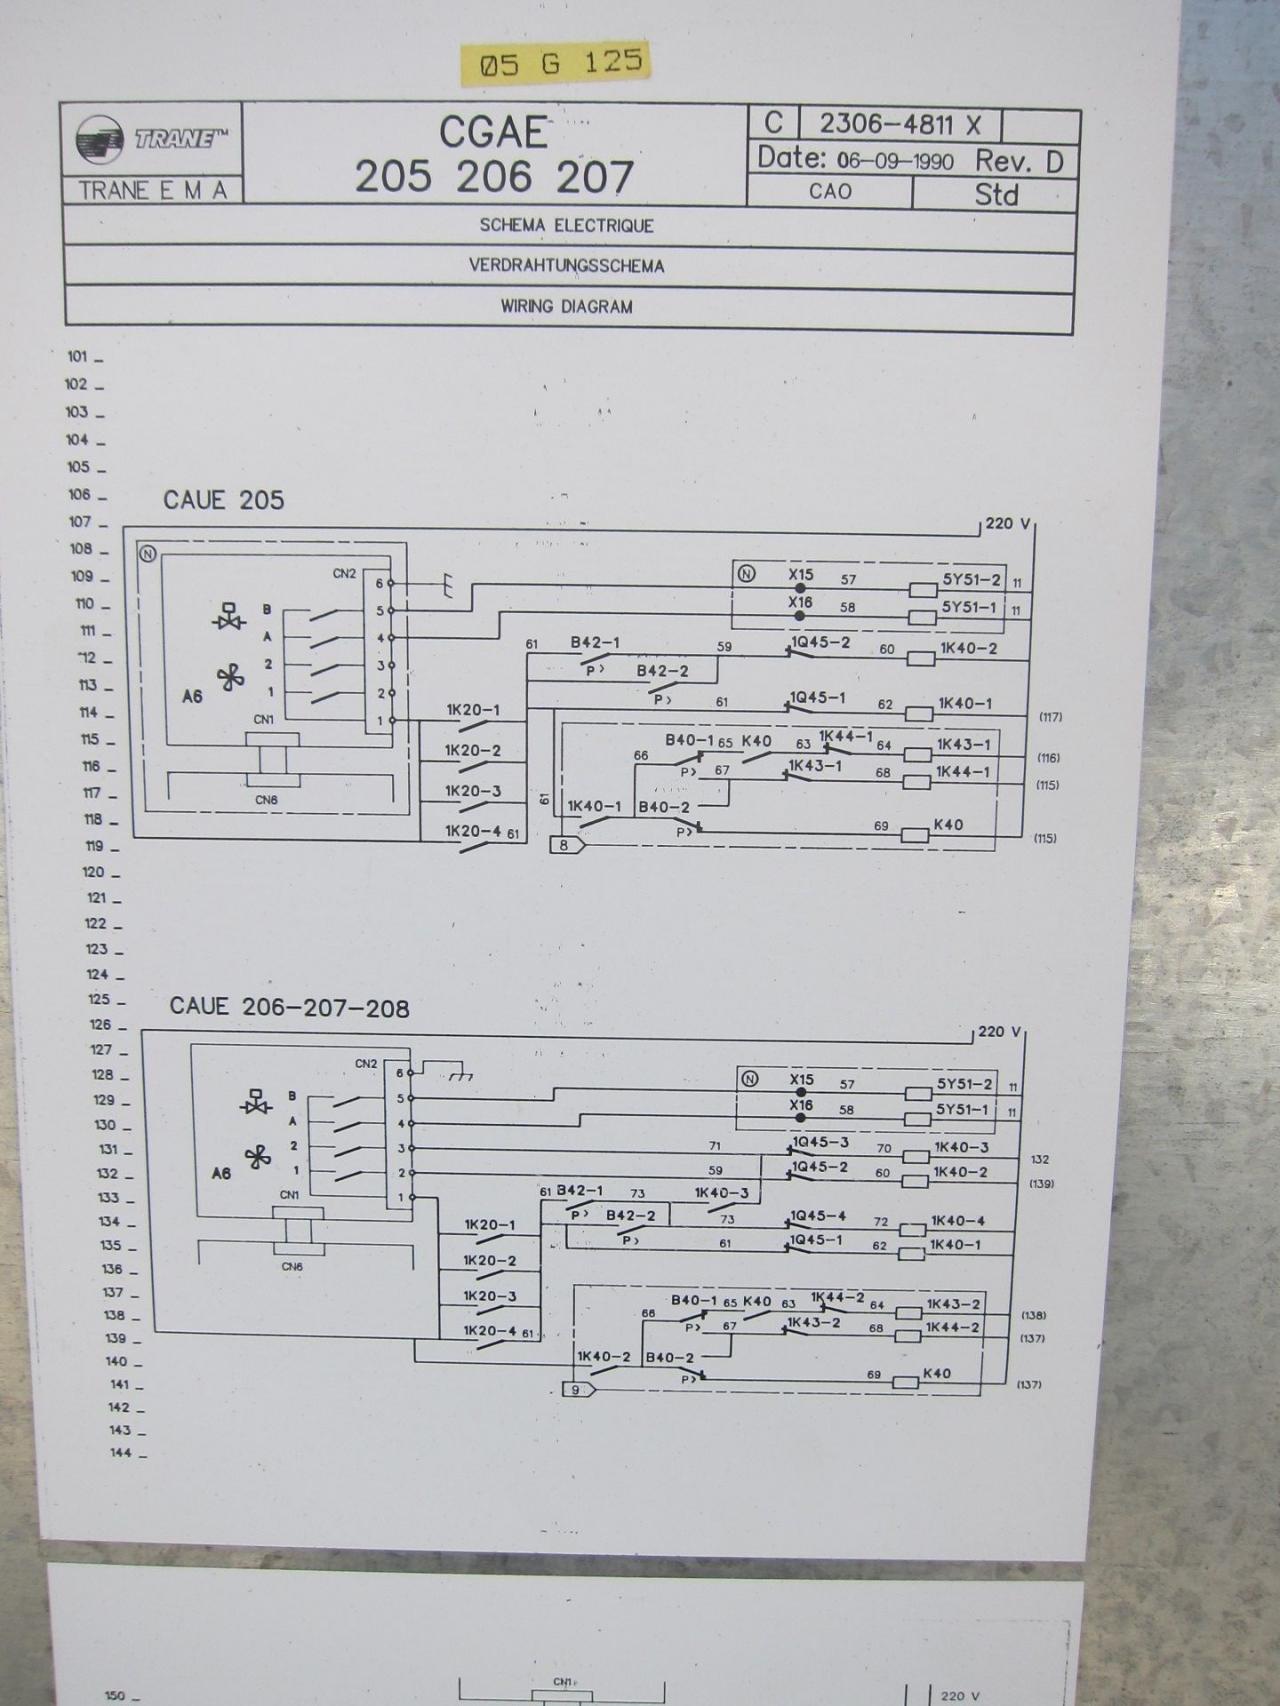 Hos bv gebruikte koeltechniek used refrigeration equipment hos bv gebruikte koeltechniek used refrigeration equipment asfbconference2016 Choice Image